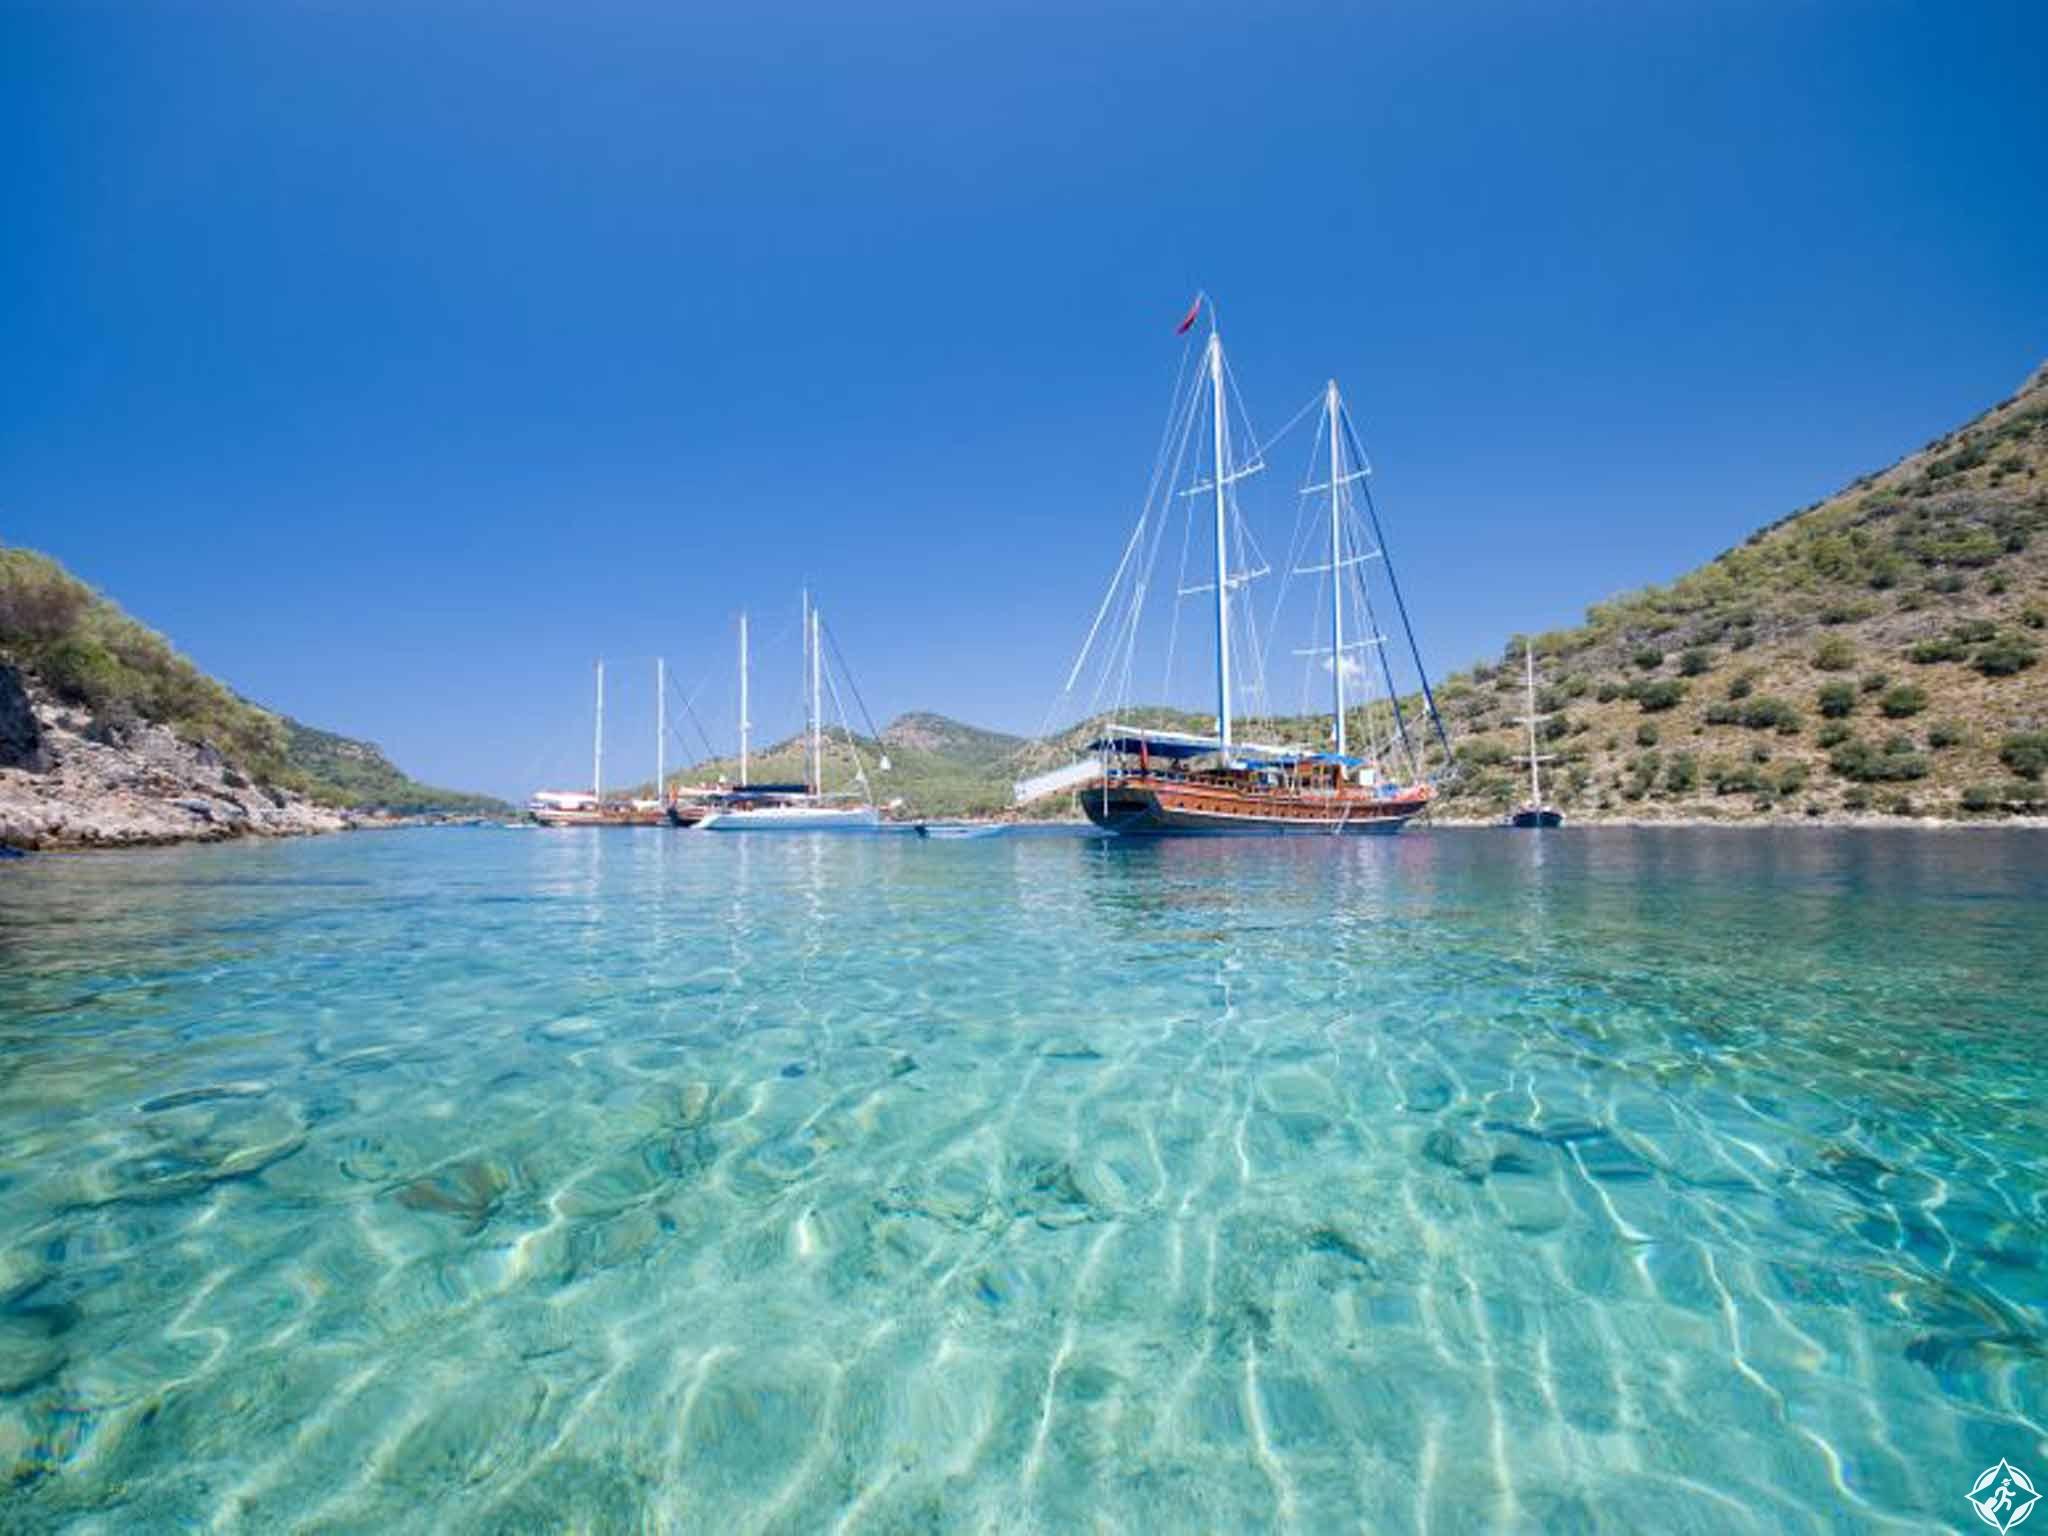 السواحل التركية : خلجان متألقة وفنادق أنيقة... وسحر لا يقارن